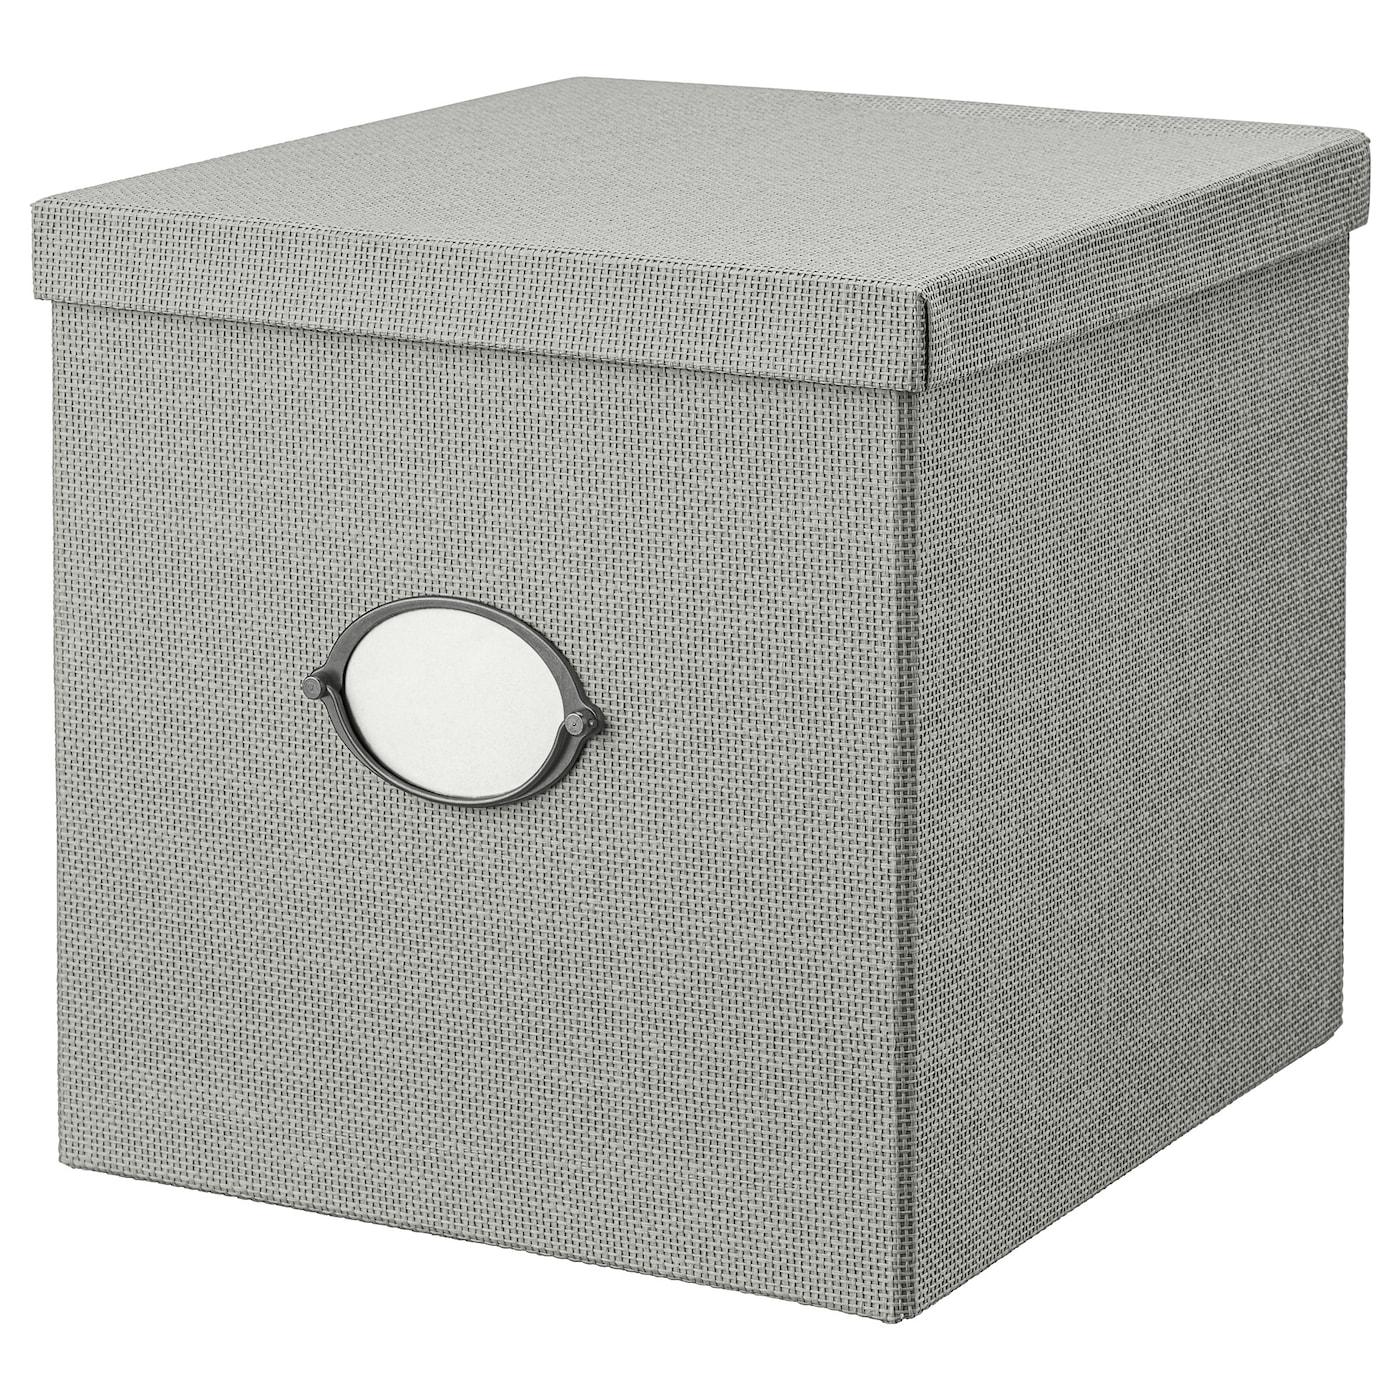 IKEA KVARNVIK Kasten mit Deckel - 35 x 32 x 32 cm